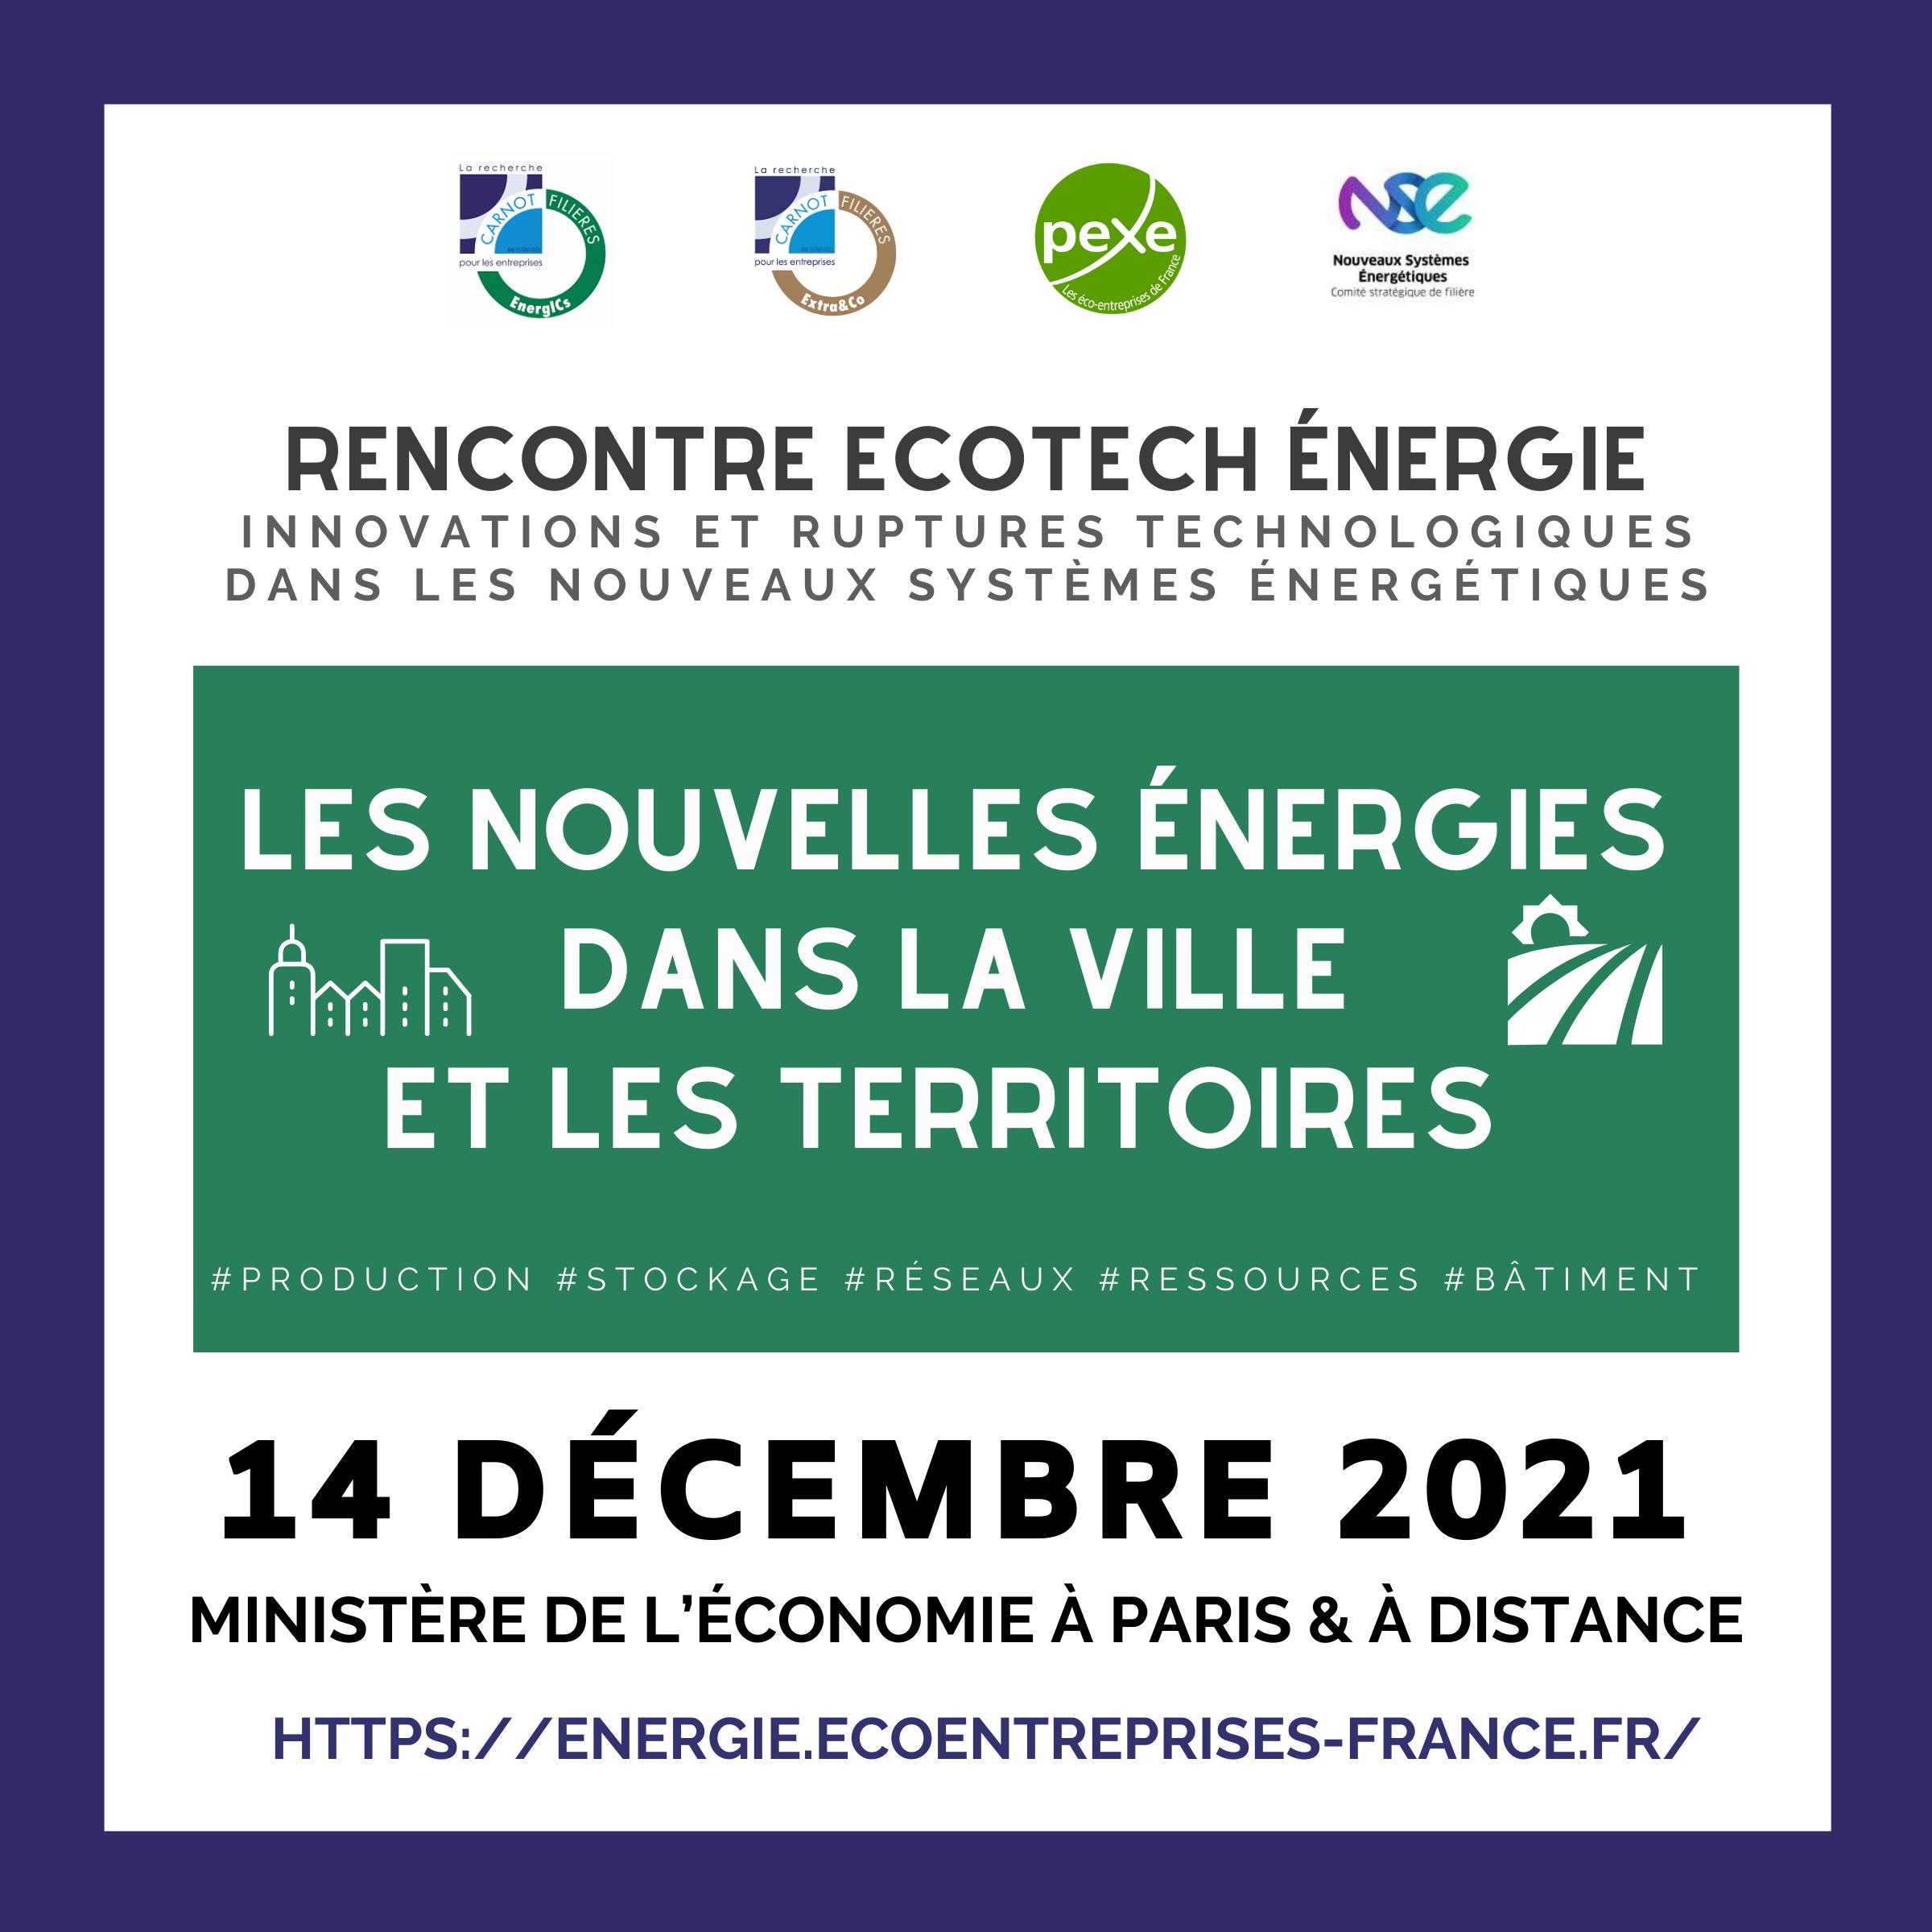 Acteurs des nouveaux systèmes énergétiques, référencez-vous !